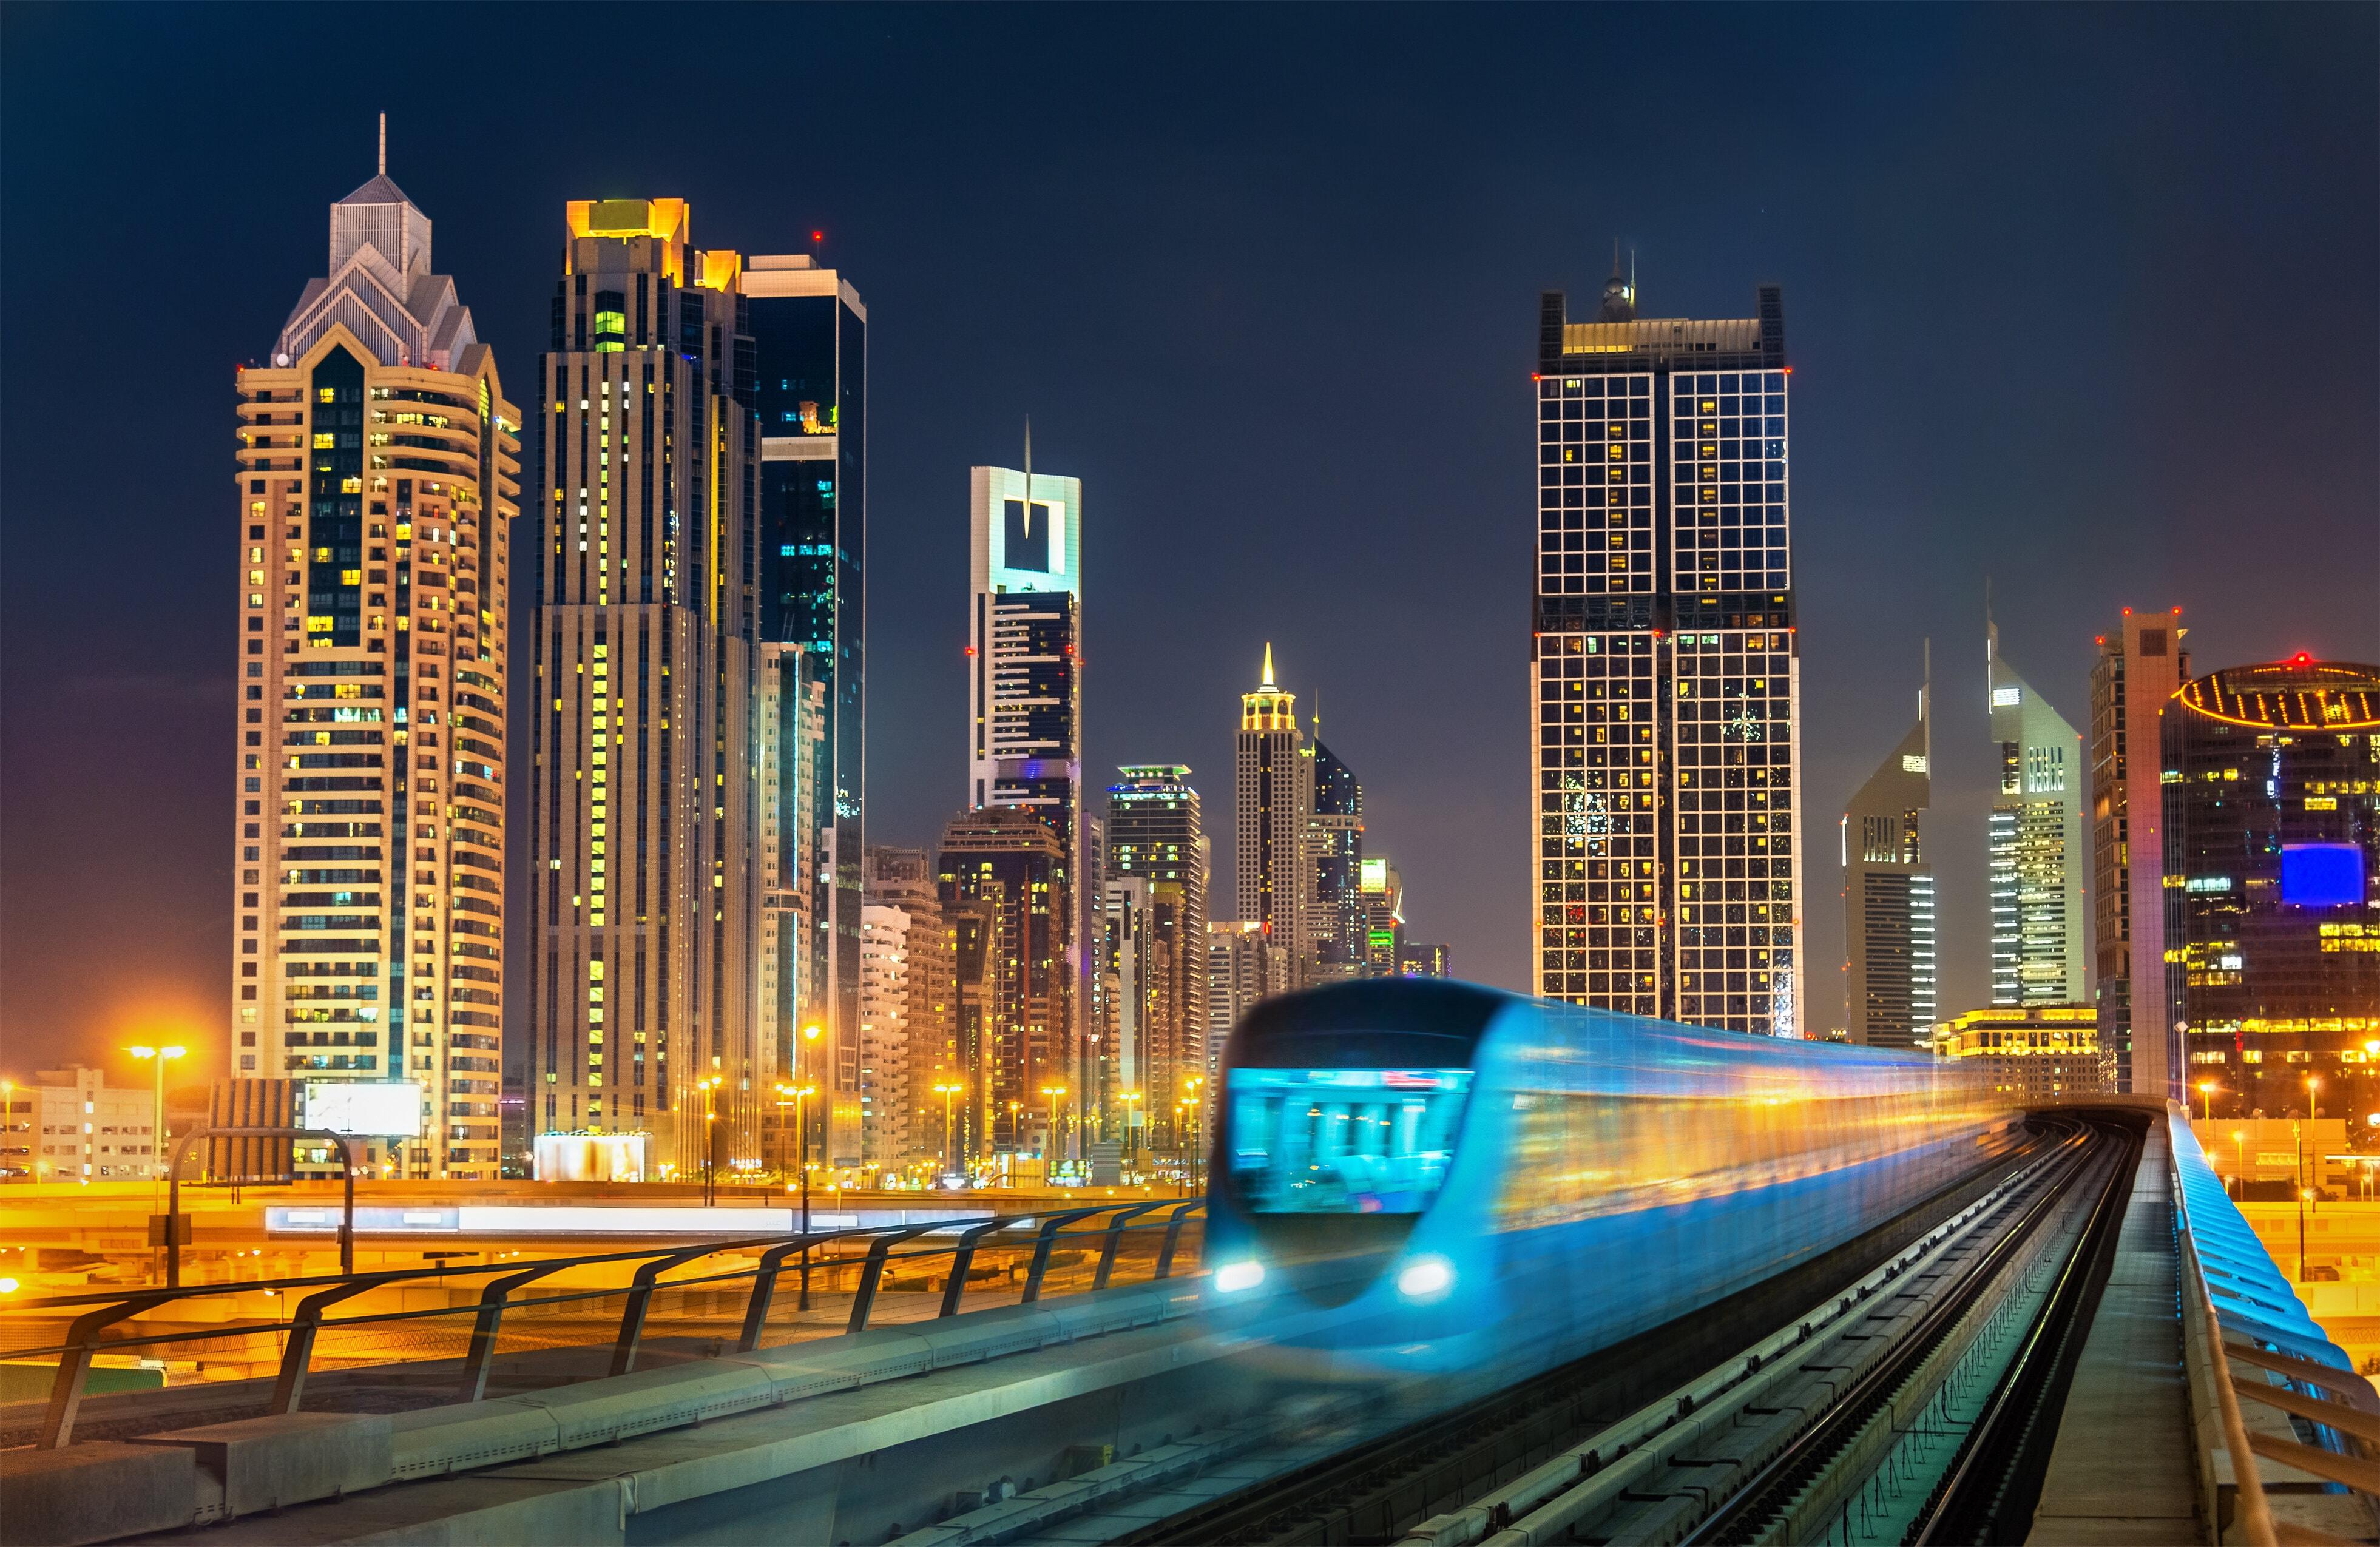 استراتيجية مدينة دبي الذكية تؤتي ثمارها